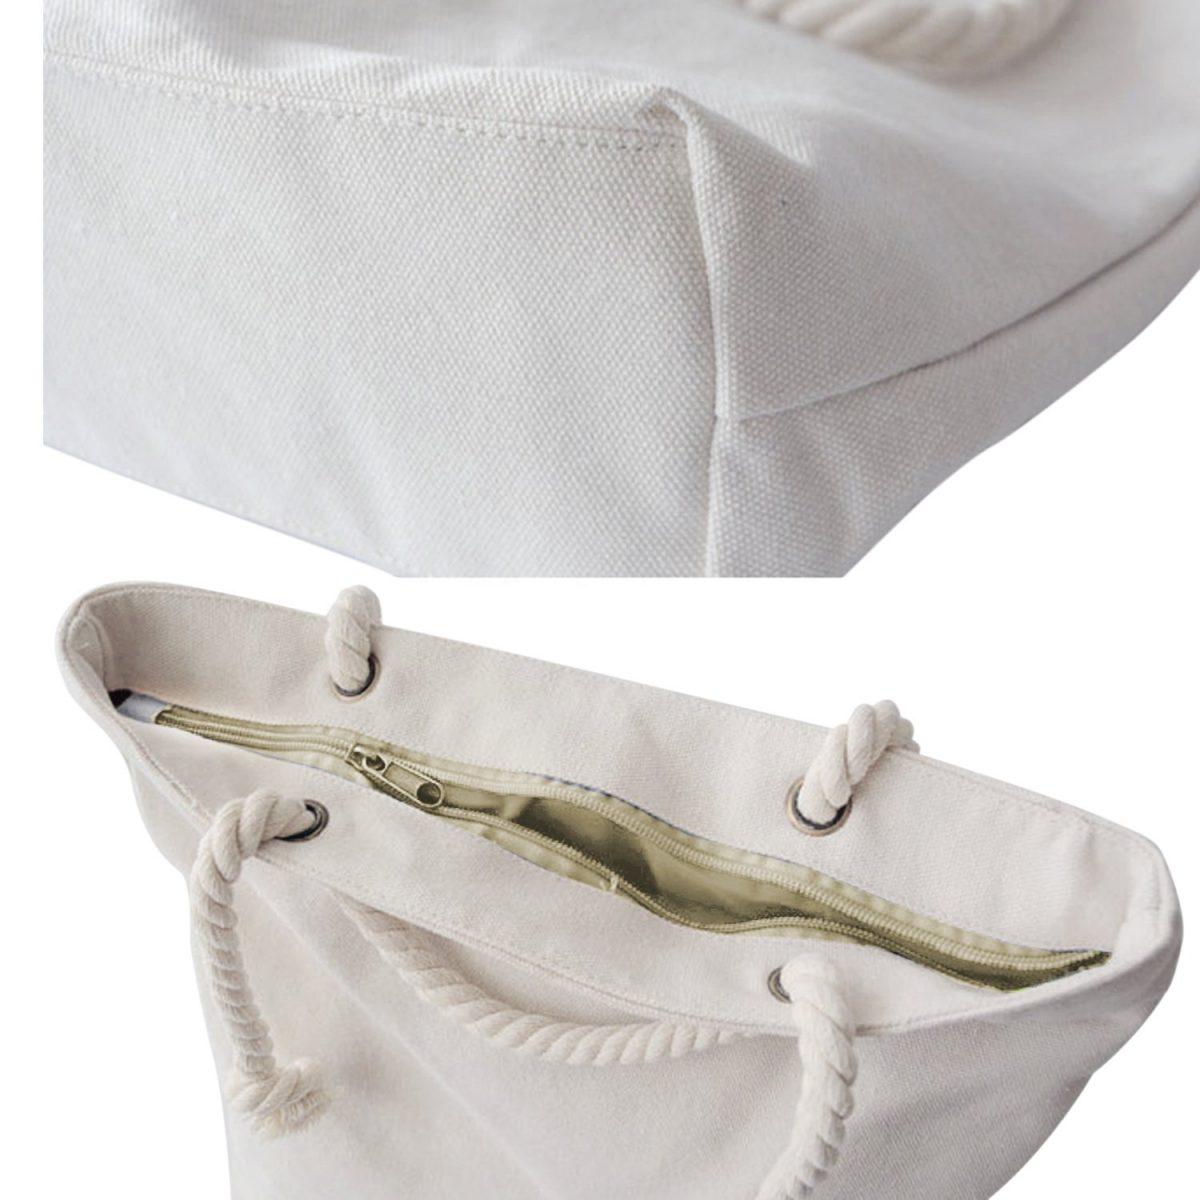 Modern Yıldız Motifli Dijital Baskılı Fermuarlı Modern Kumaş Çanta Realhomes